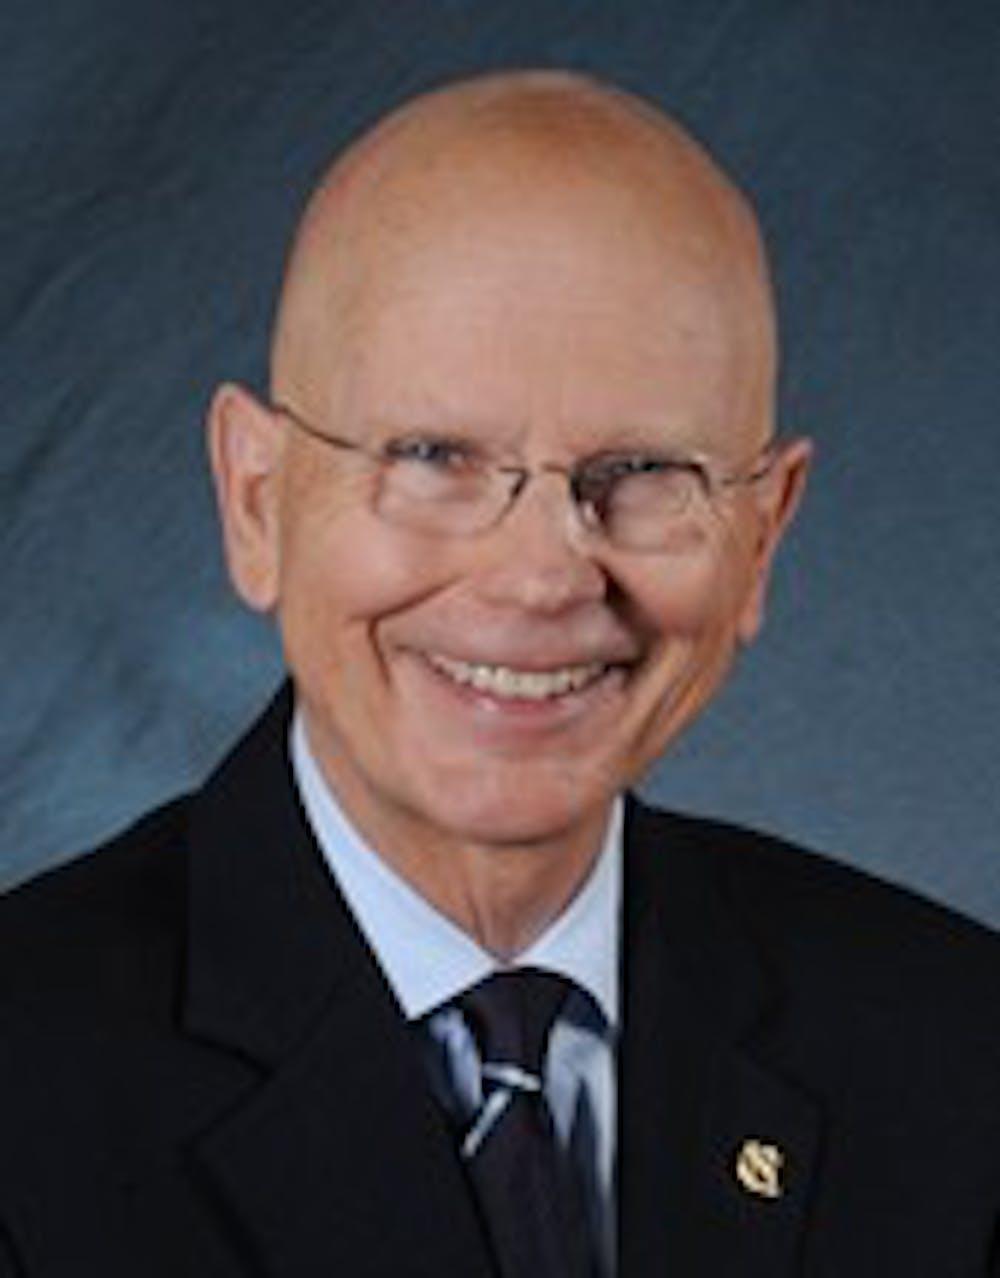 Chancellor James Moeser at the University of North Carolina at Chapel Hill.